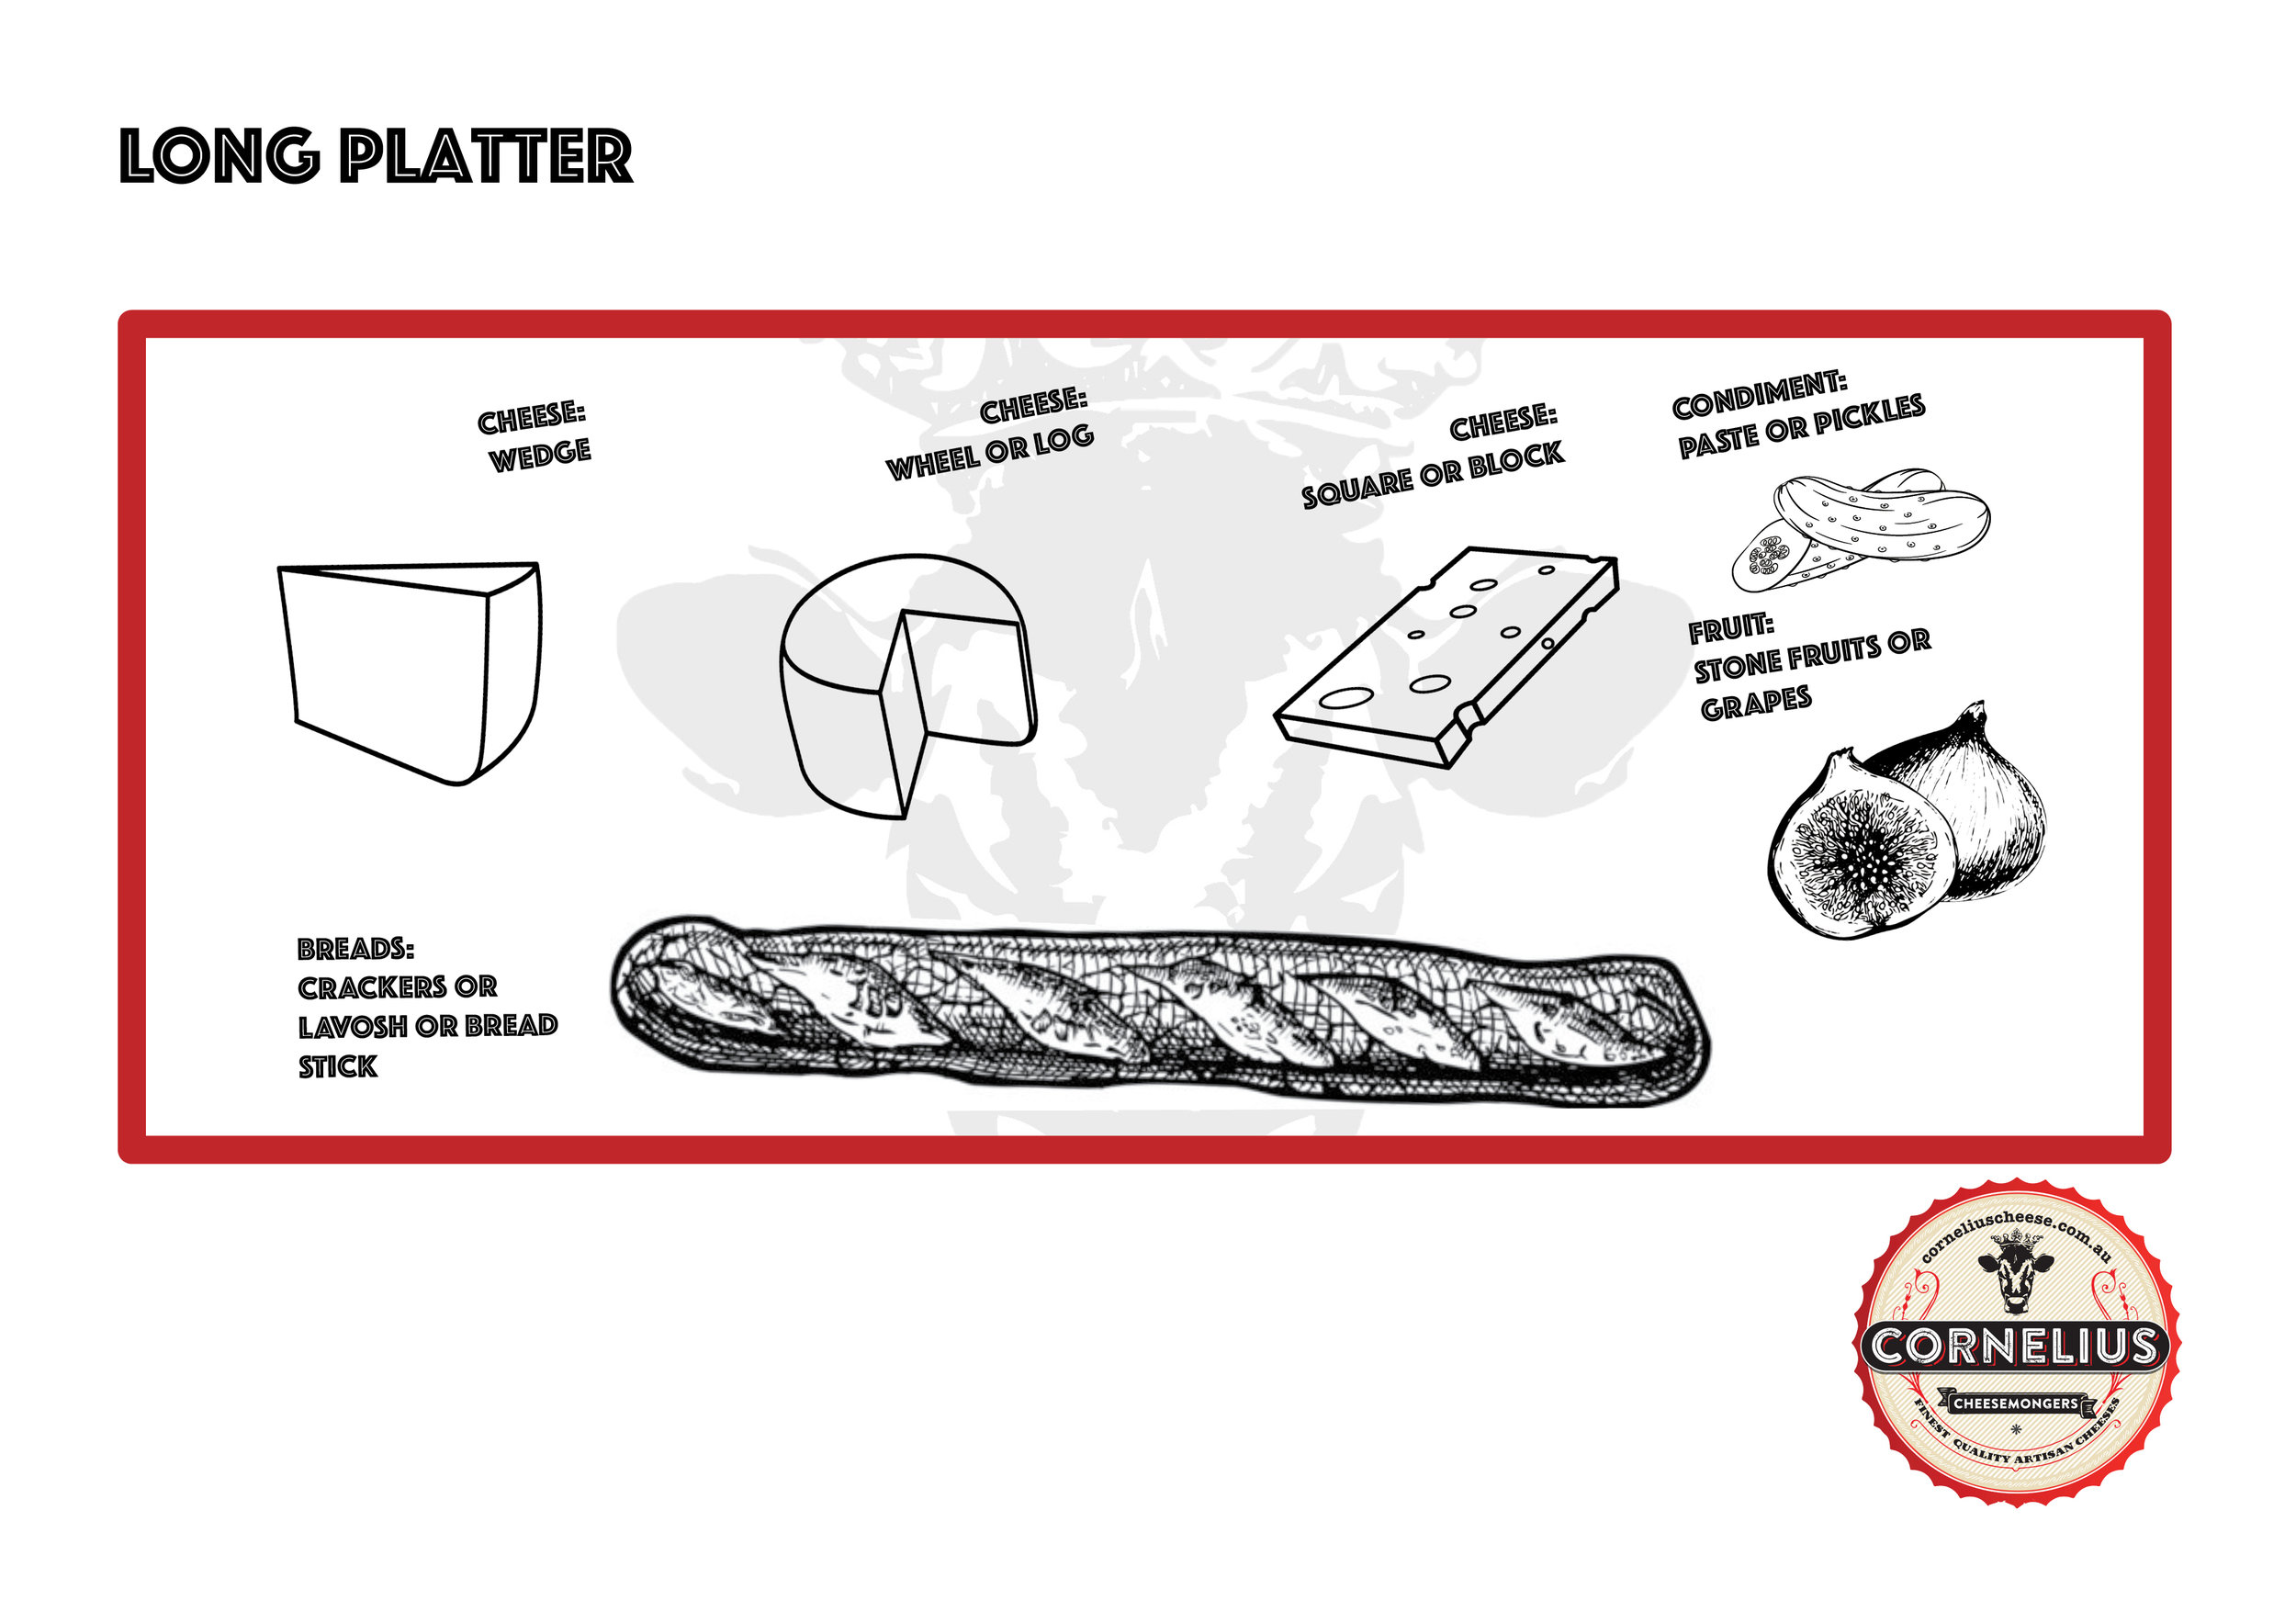 Long Platter BluePrint